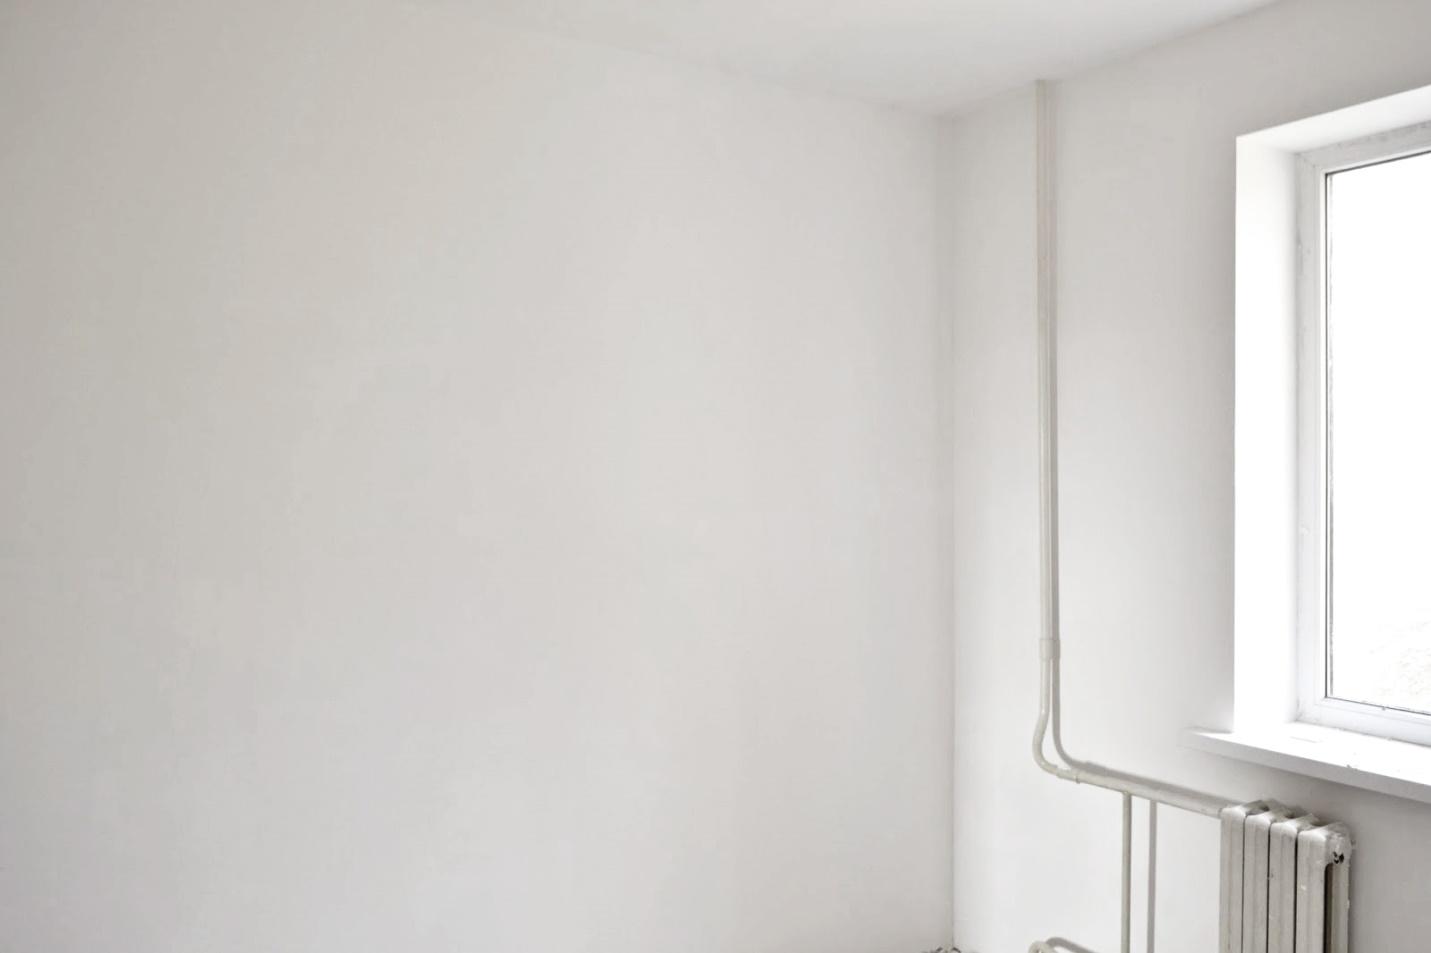 Заделка швов между кирпичными стенами